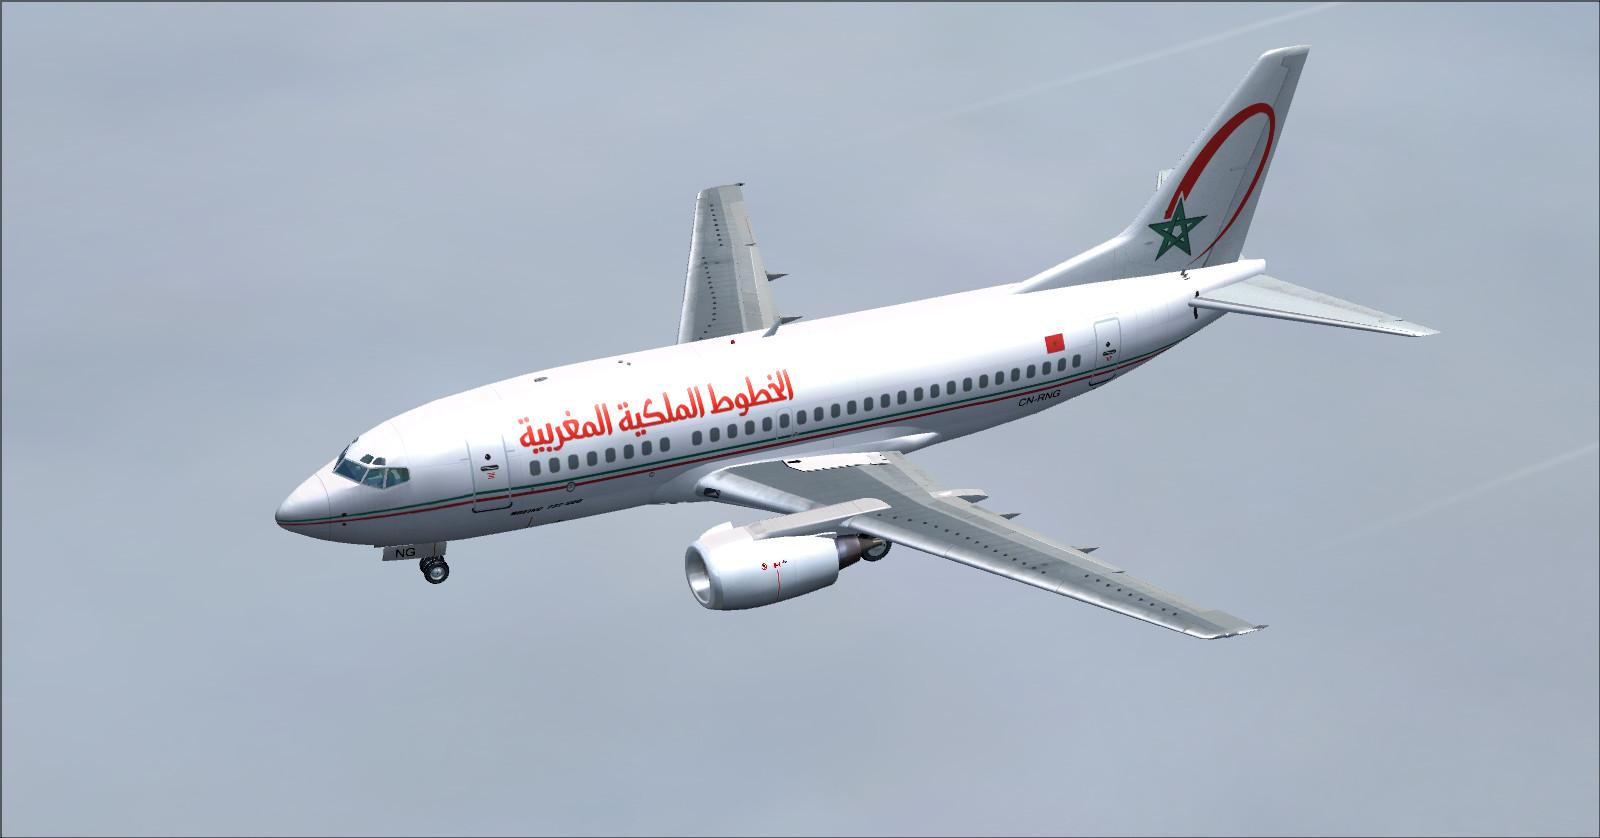 બોઇંગ 737-500 રેમ